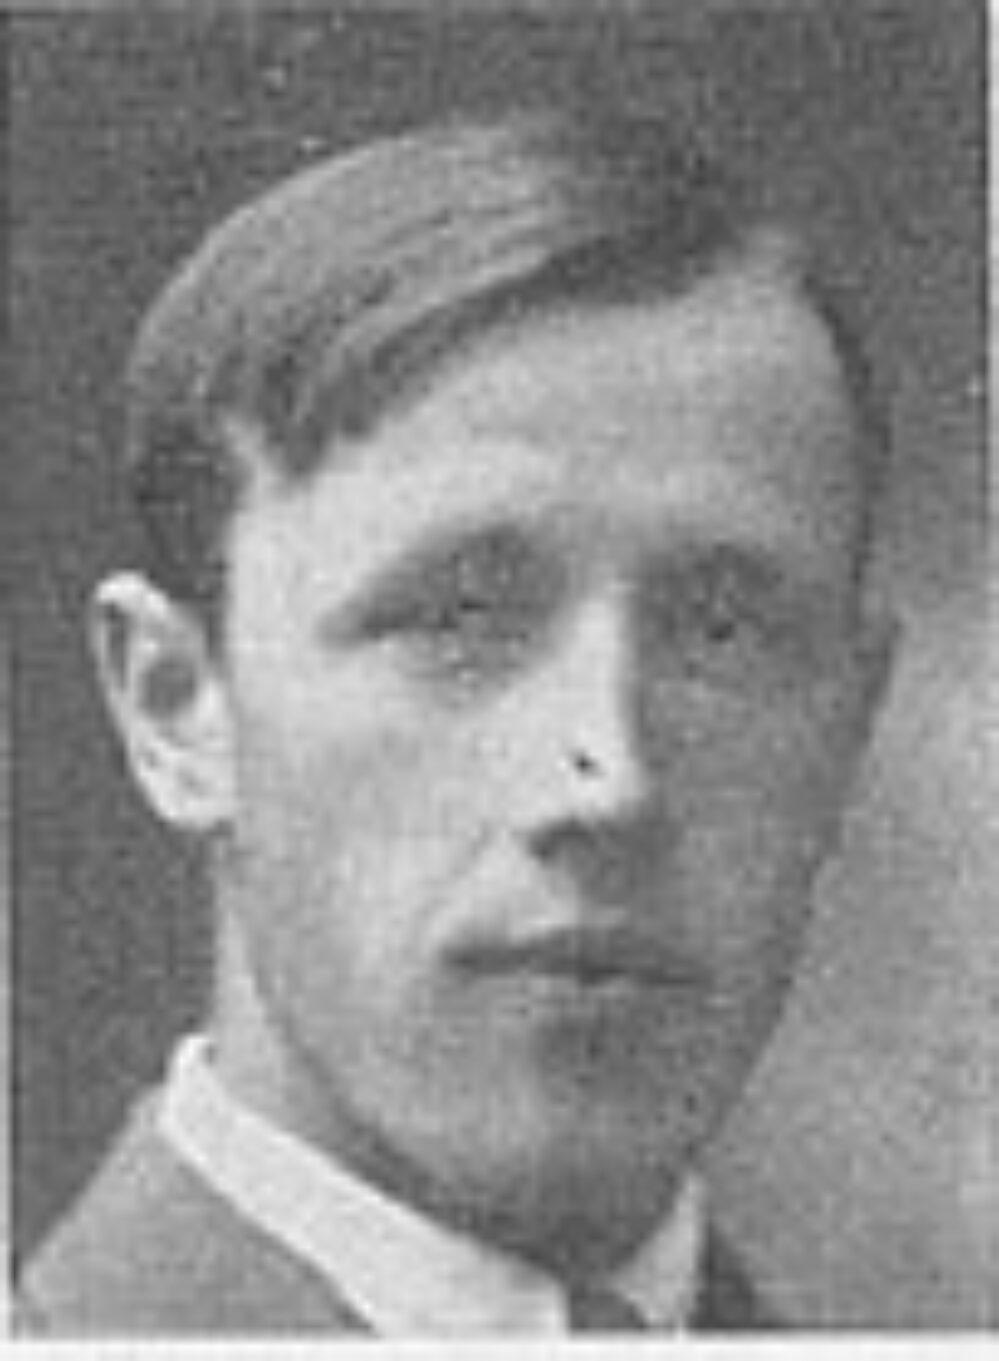 Olaf Gulliksen